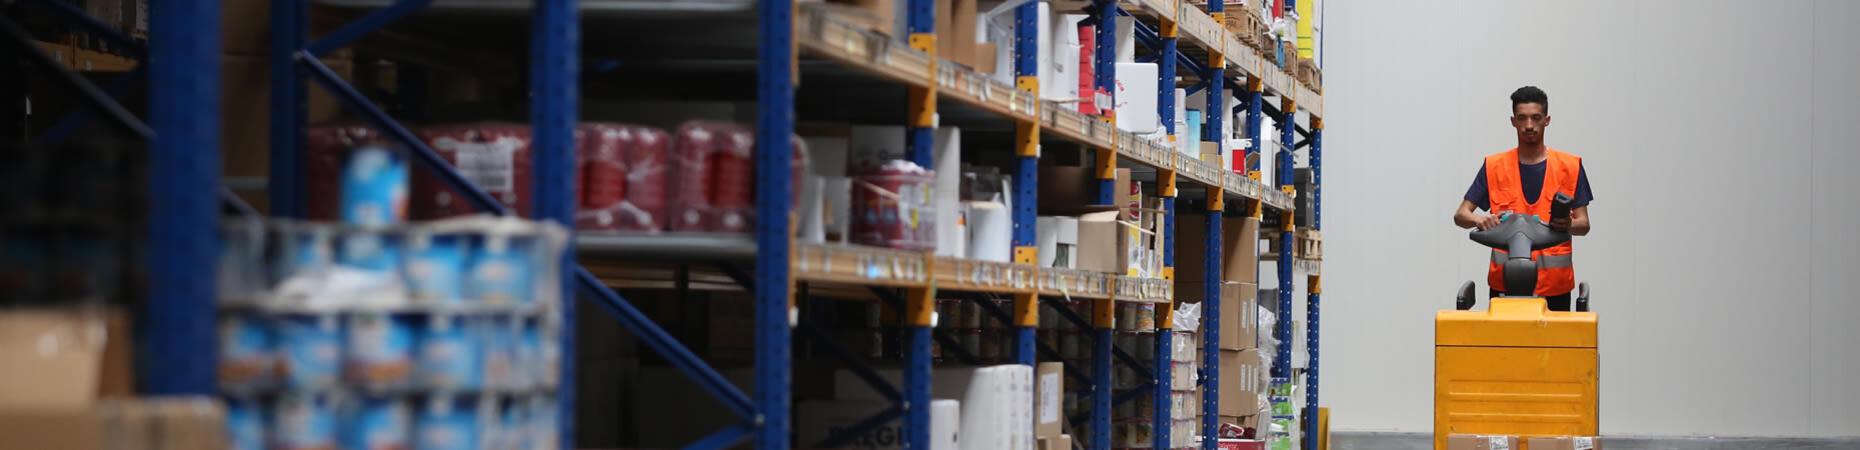 ecoservice-modena it logistica-settore-alimentare-modena 005